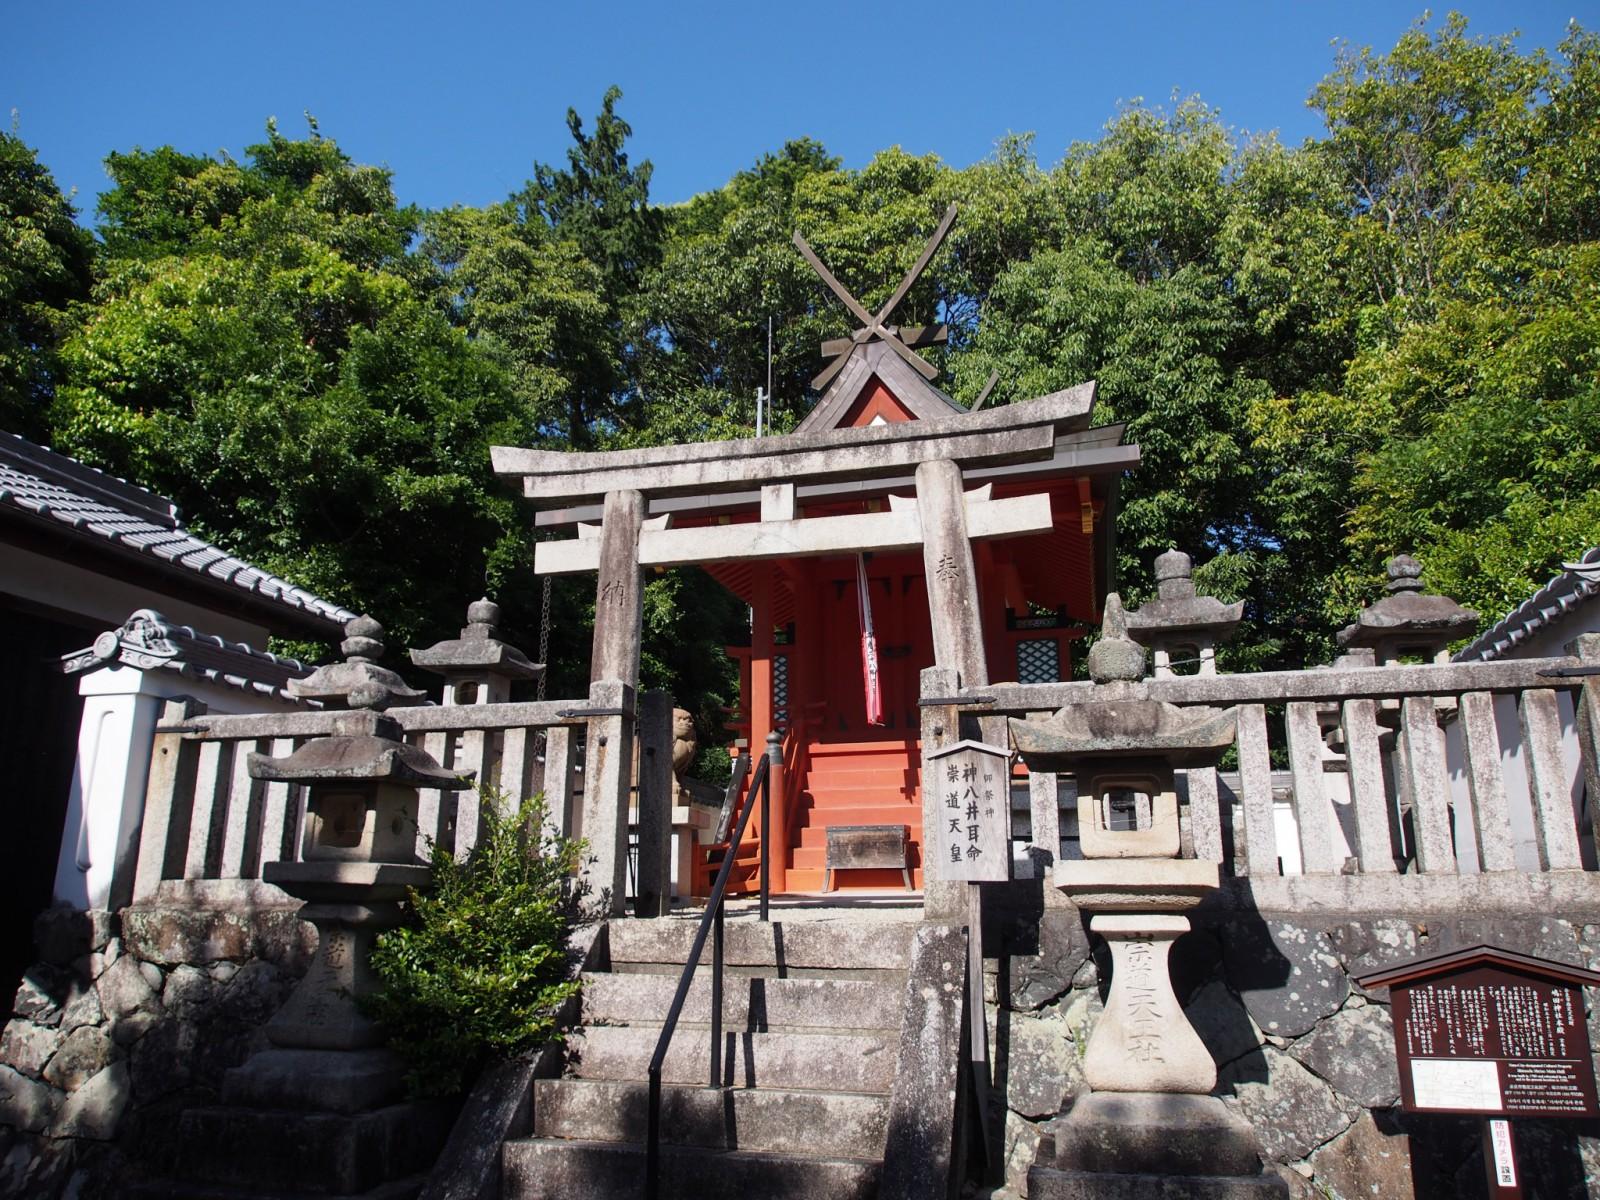 嶋田神社本殿周辺